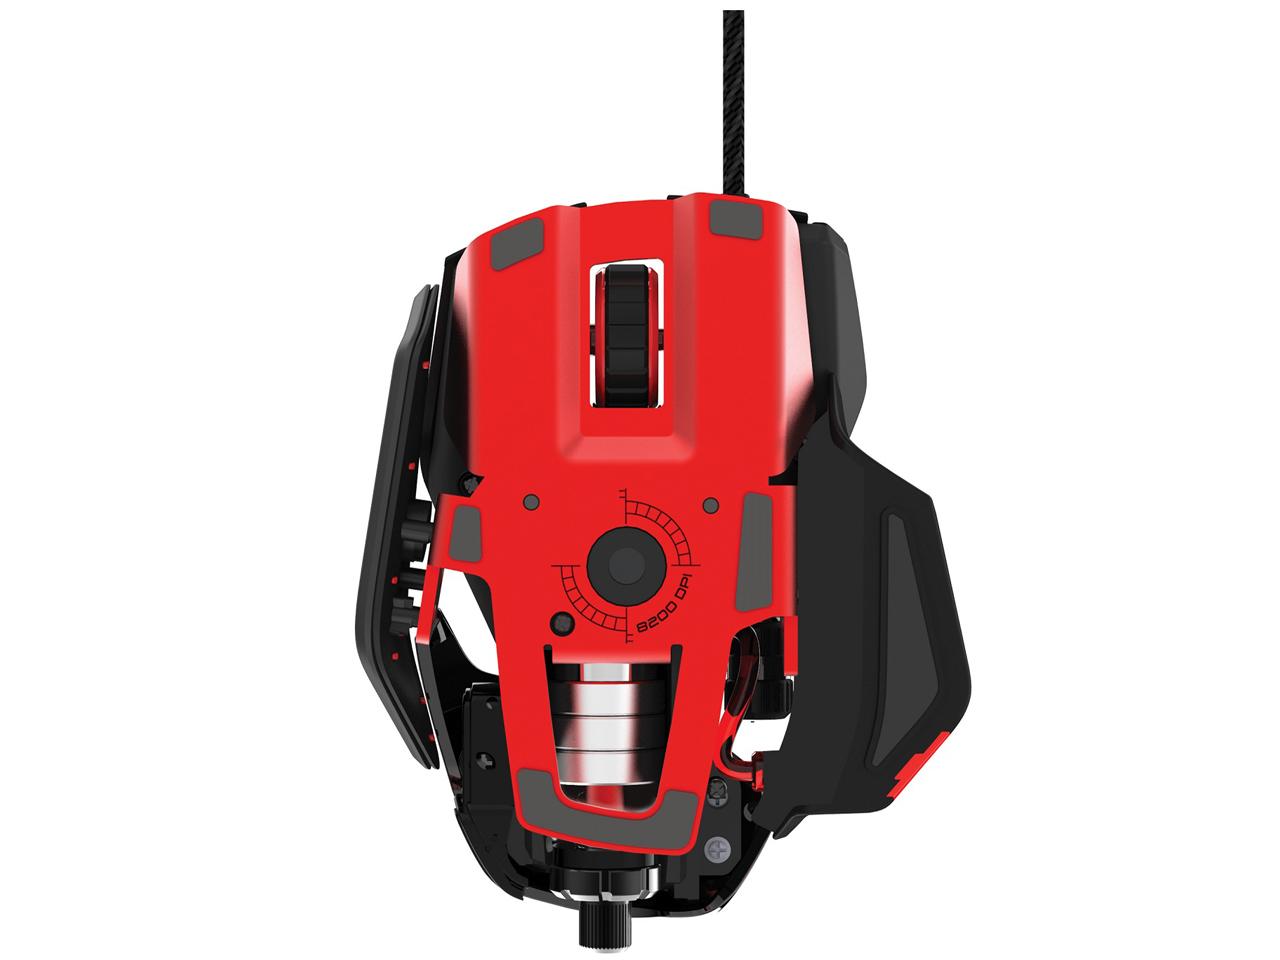 『本体 底面』 RAT 6 Laser Gaming Mouse MCB43732J0A3 の製品画像